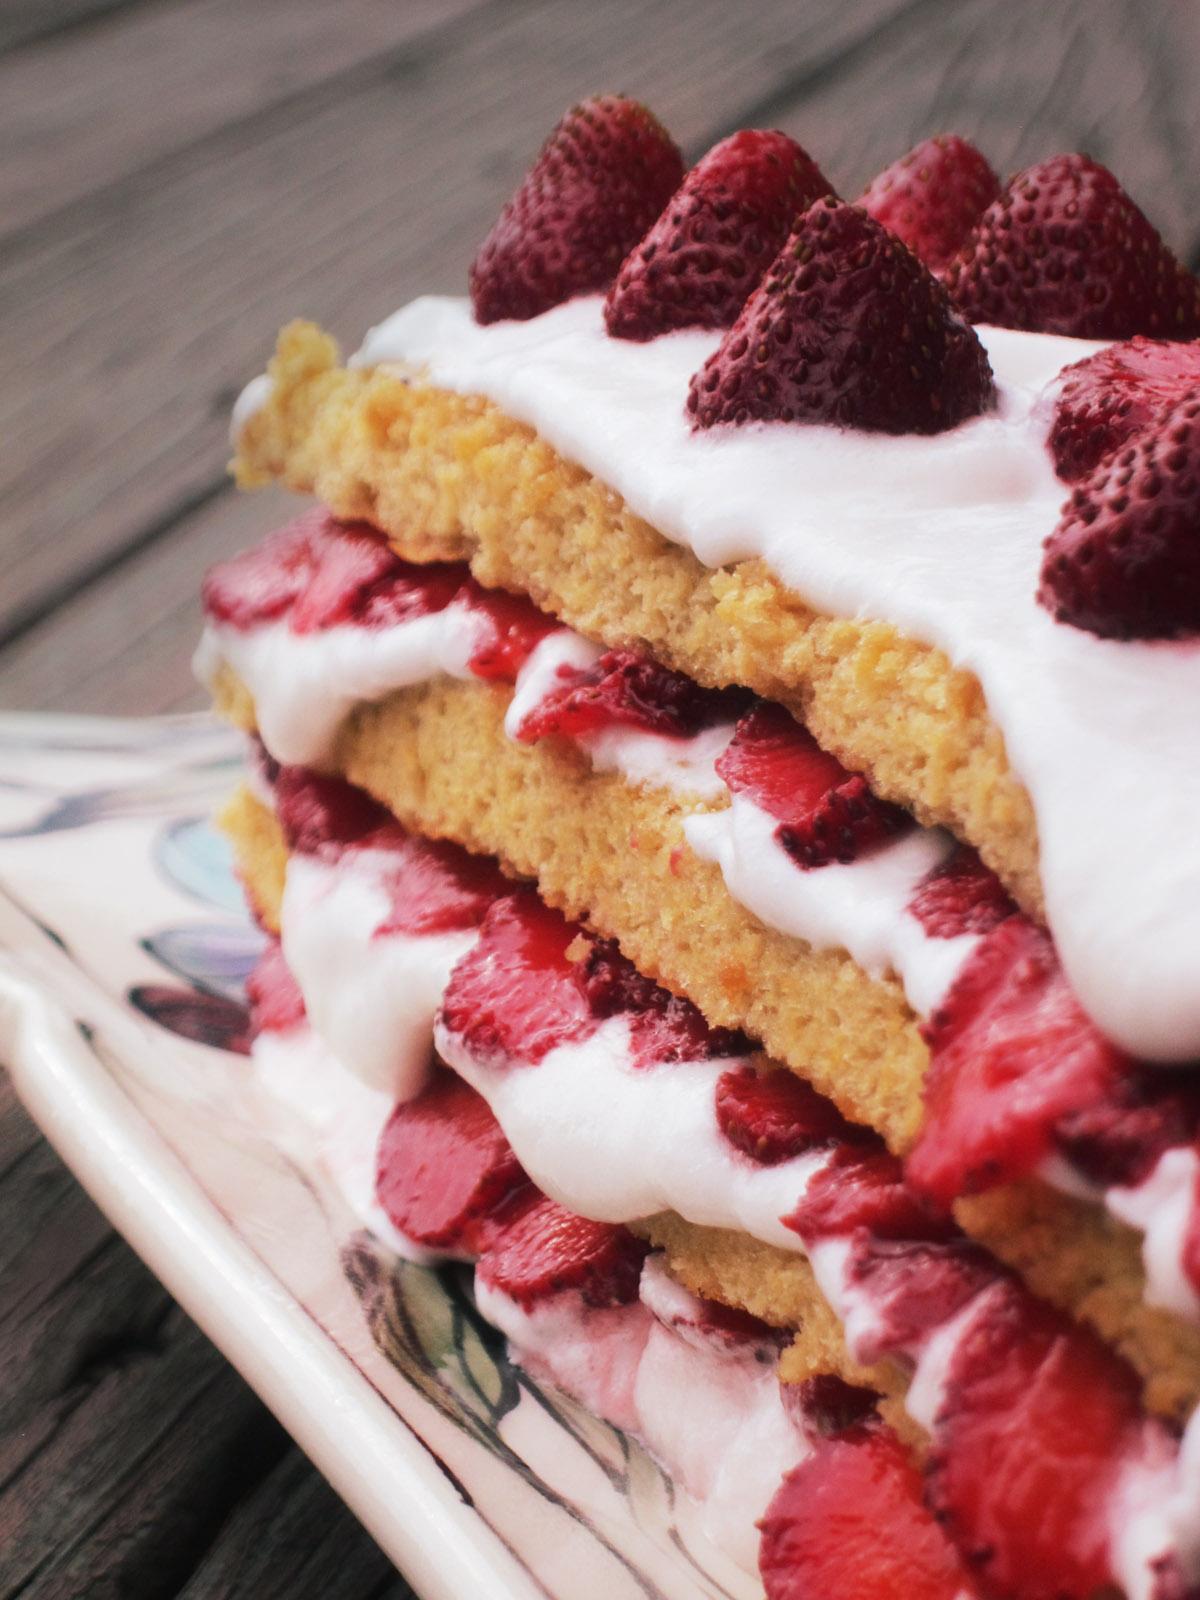 Strawberry Heart Berry Sponge Cake on Platter